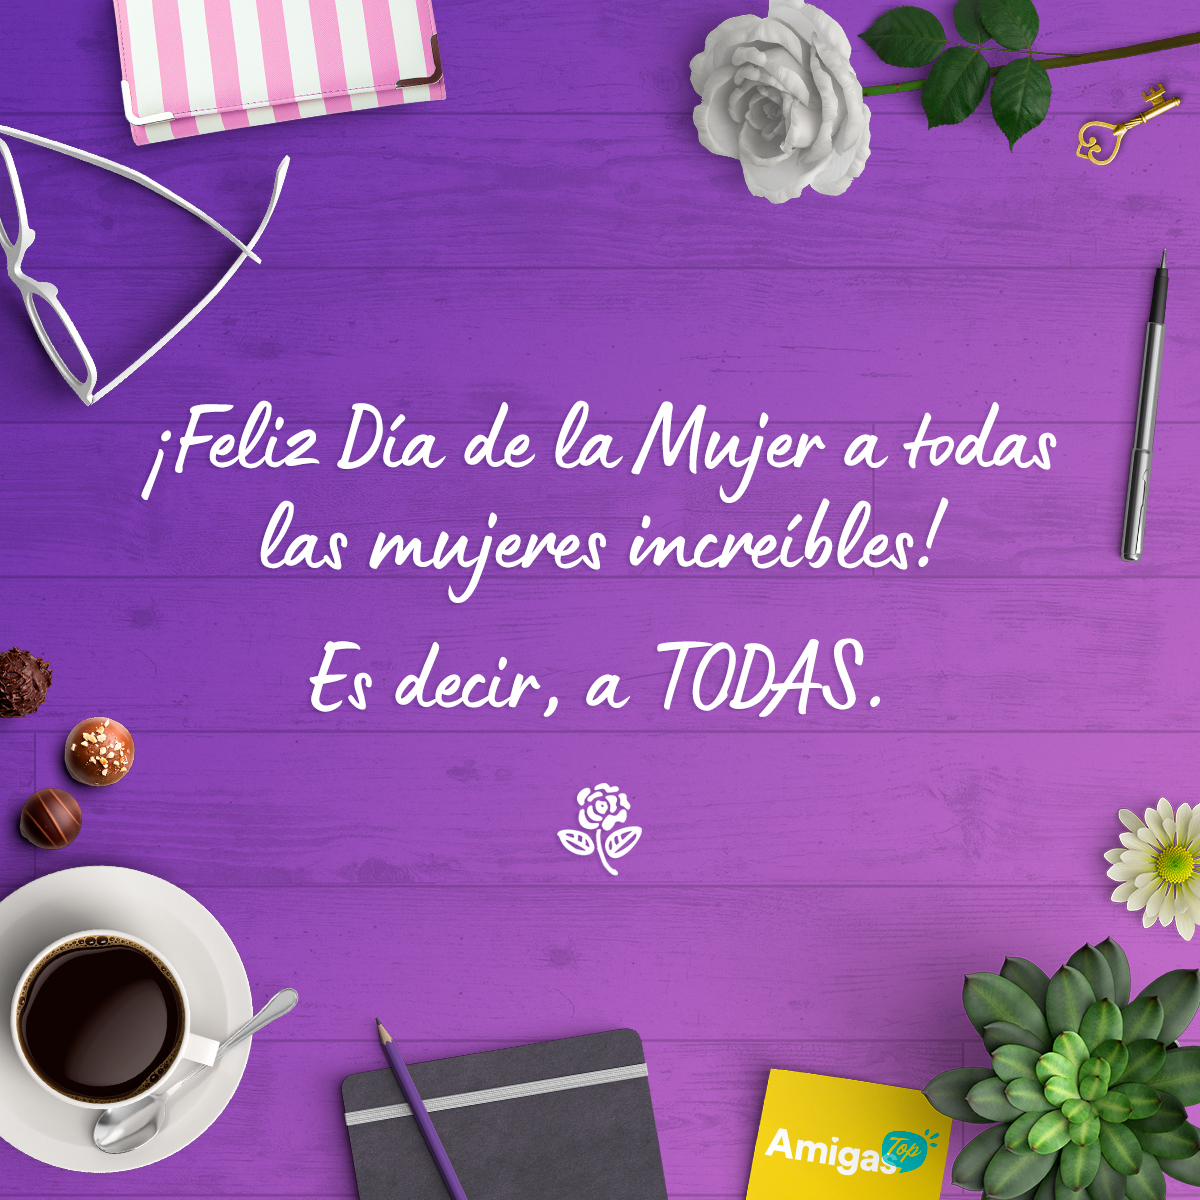 Mensajes Para Felicitar El Dia De La Mujer 8 Marzo 2021 Amigas Top A ti mujer, madre, esposa, hermana, novia, amiga. mensajes para felicitar el dia de la